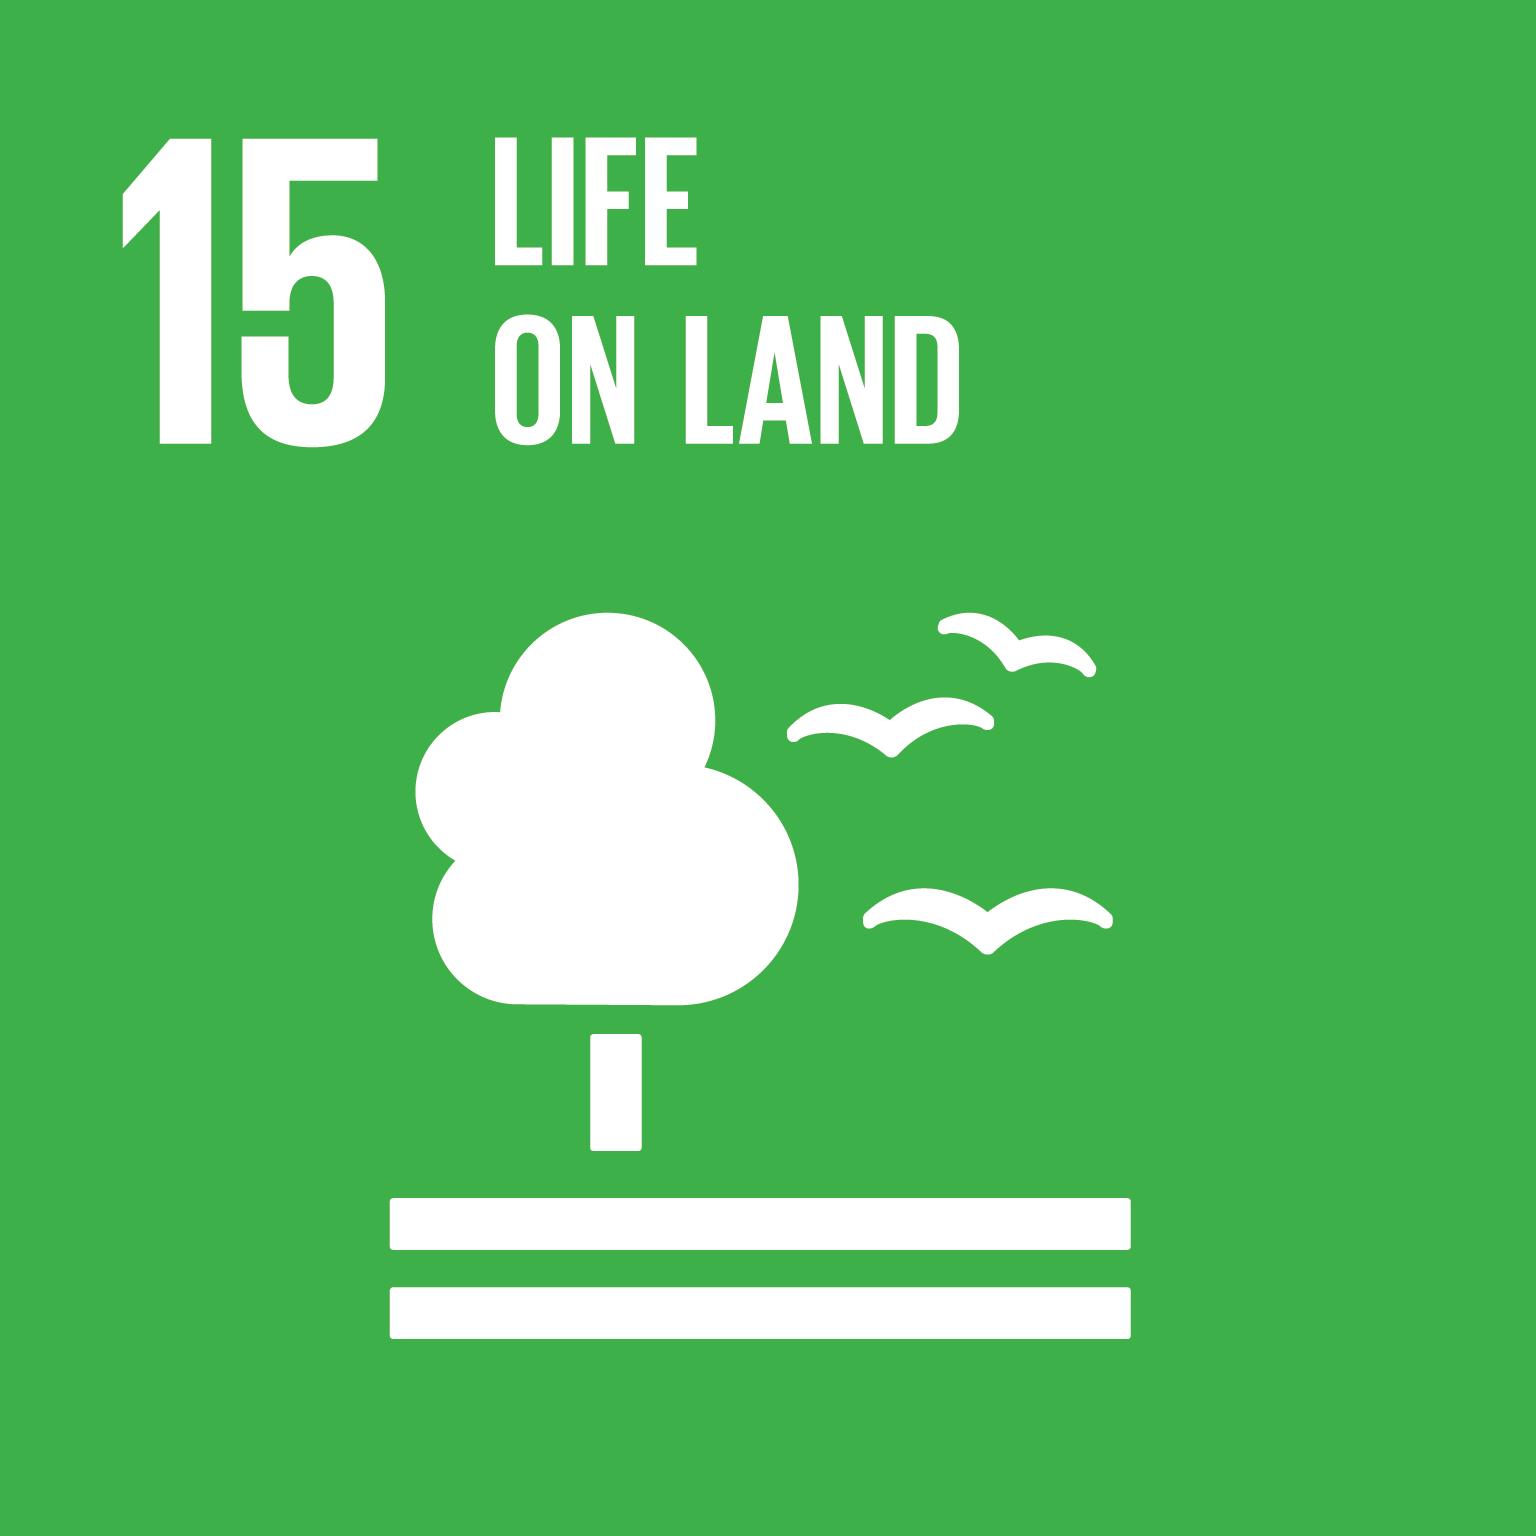 保護、維護及促進領地生態系統的永續使用,永續的管理森林,對抗沙漠化,終止及逆轉土地劣化,並遏止生物多樣性的喪失